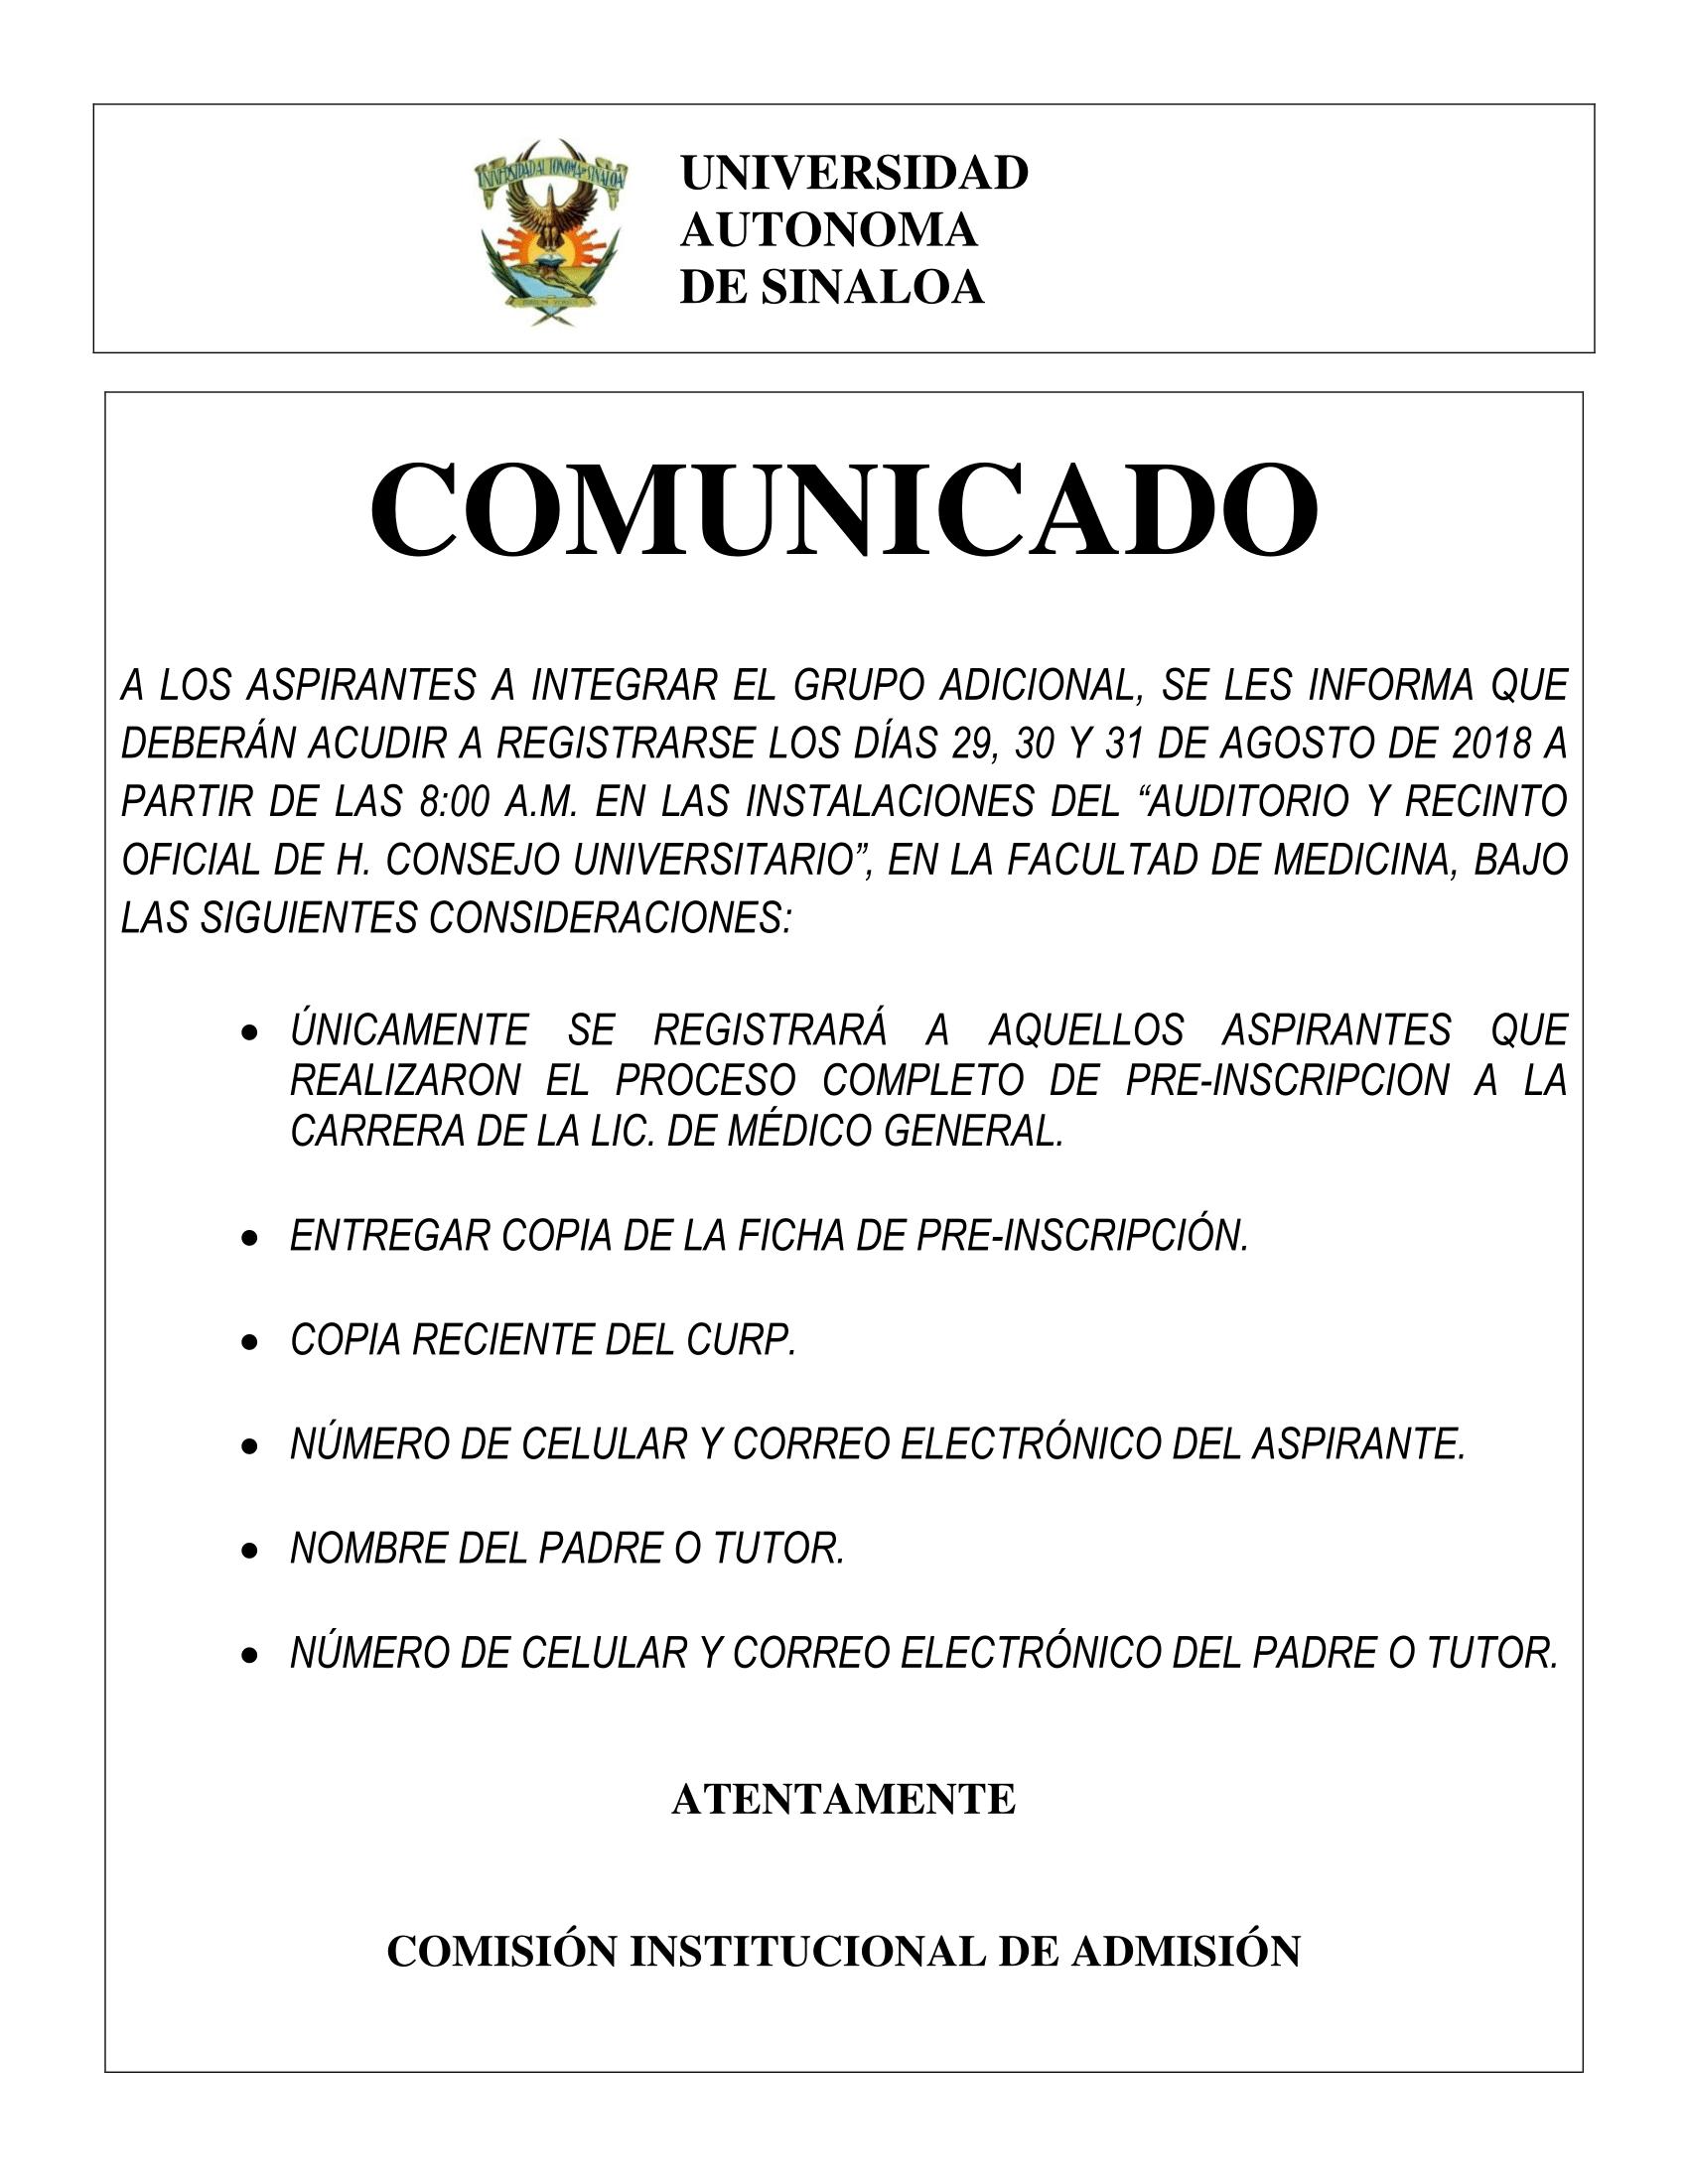 COMUNICADO MEDICINA-1